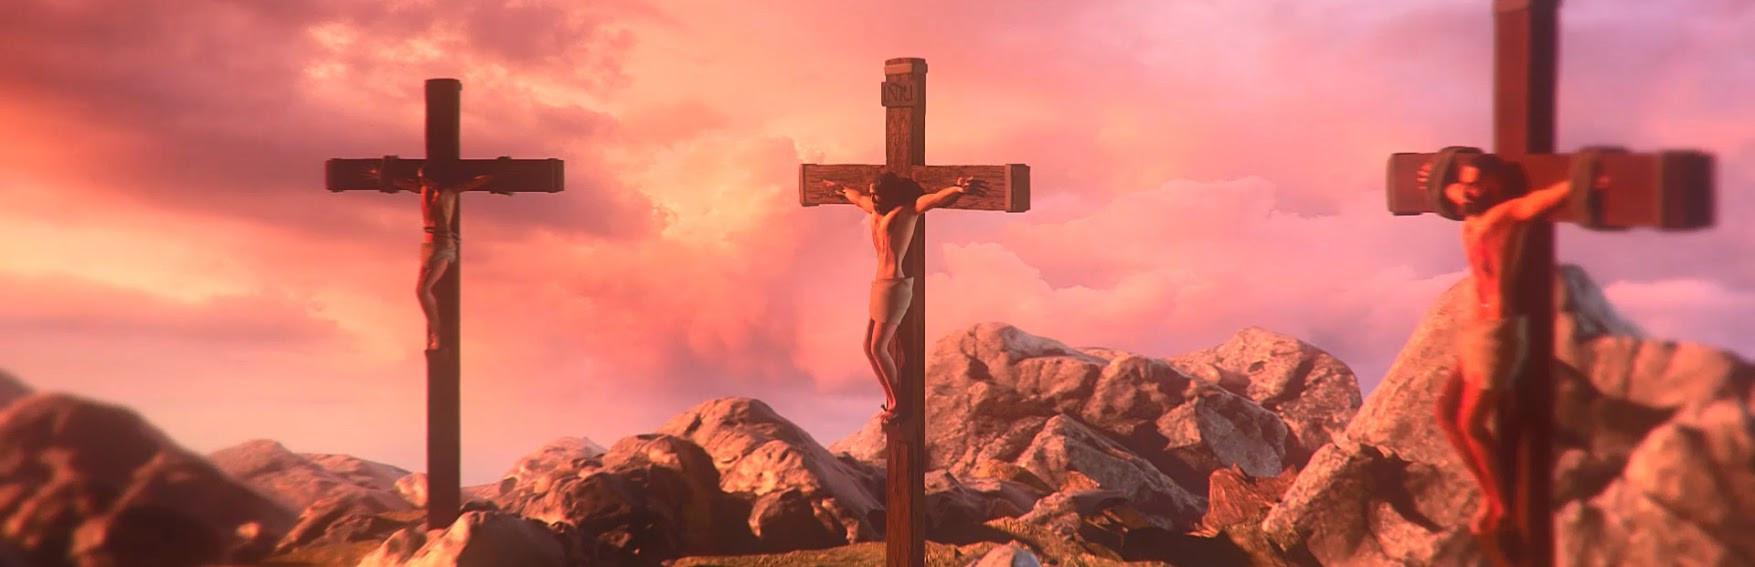 Авторы I Am Jesus Christ выпустили рождественский трейлер